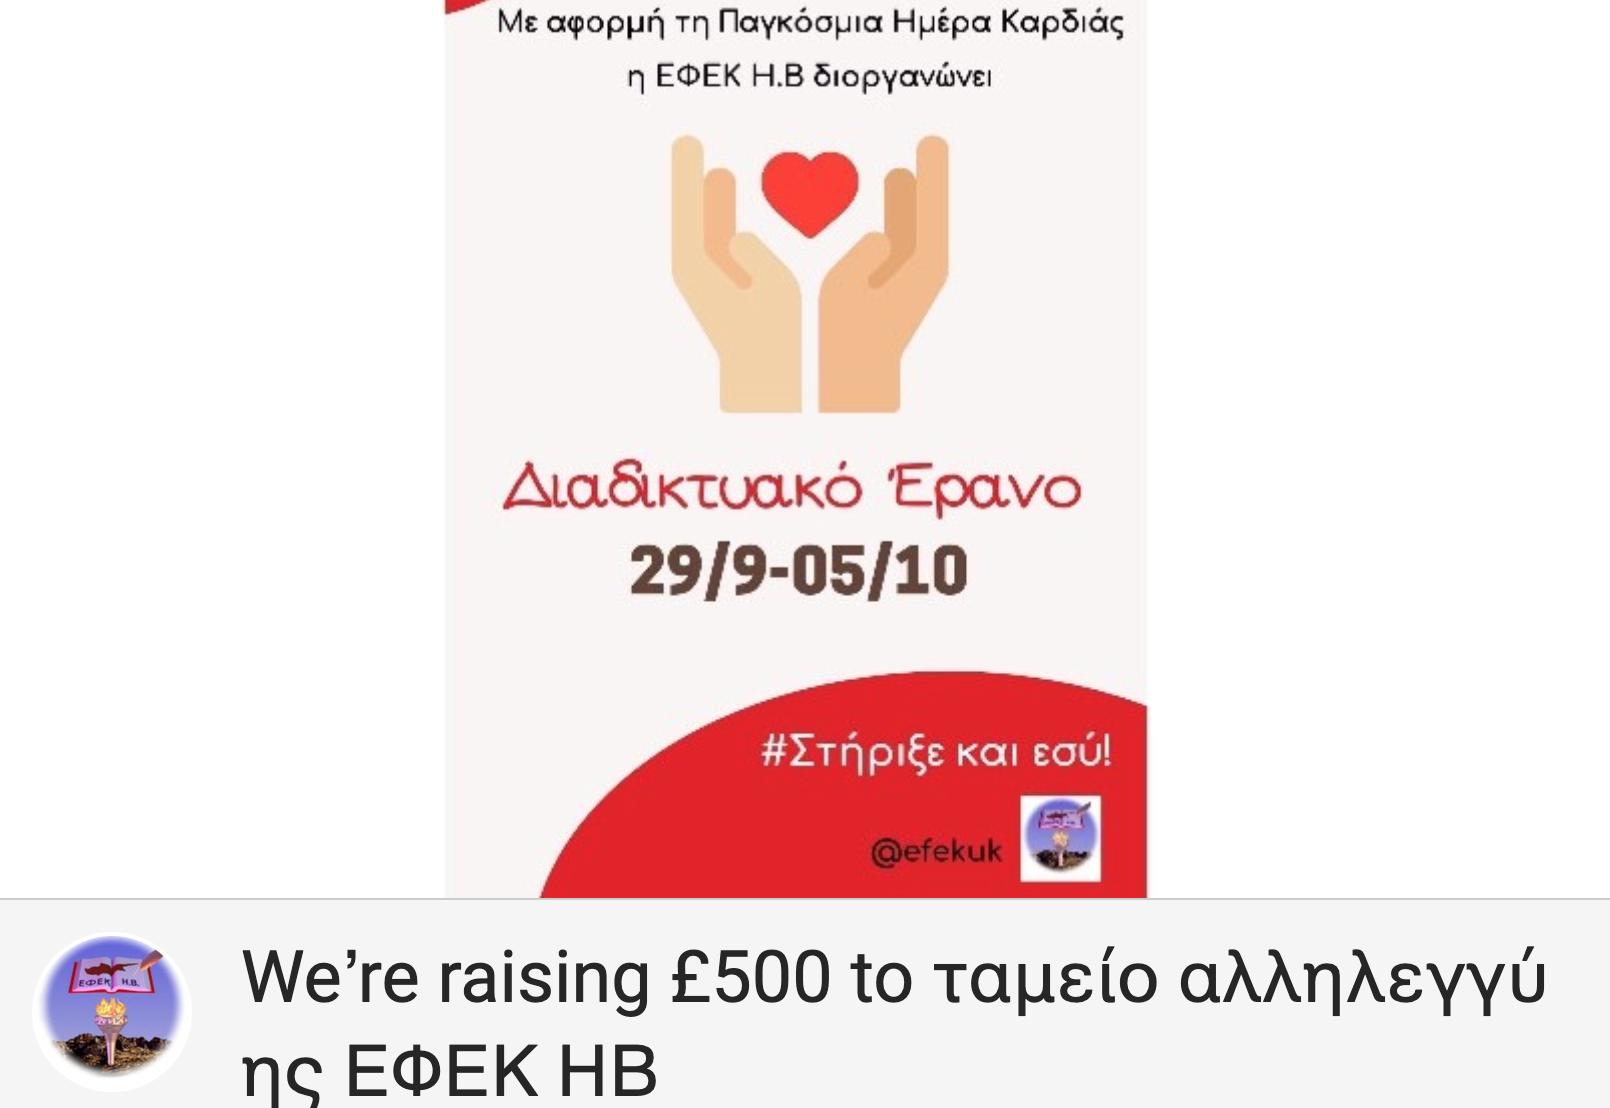 Ενίσχυση Ταμείου Αλληλεγγύης ΕΦΕΚ Η.Β.